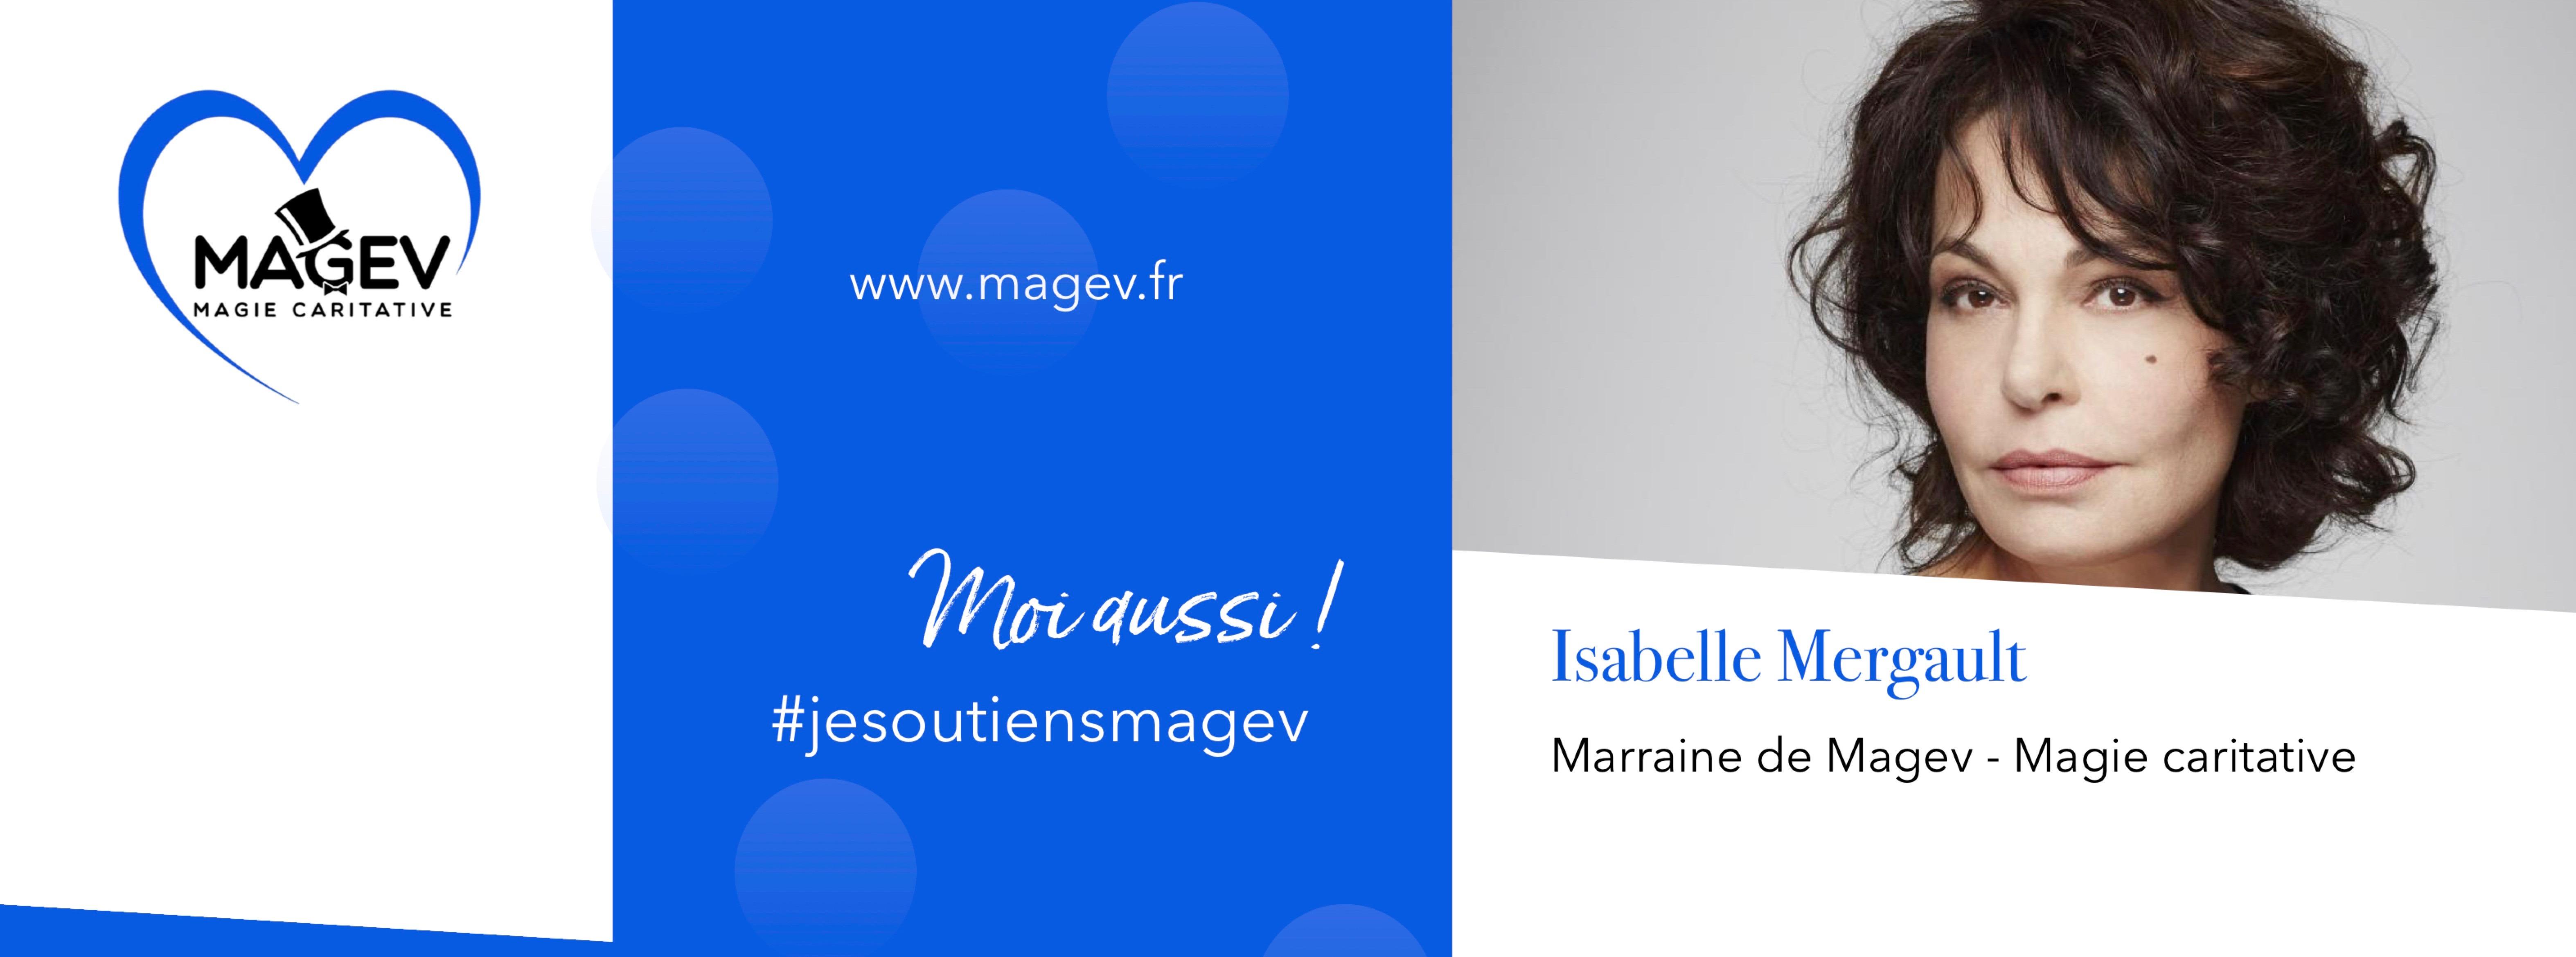 Bannière Magev